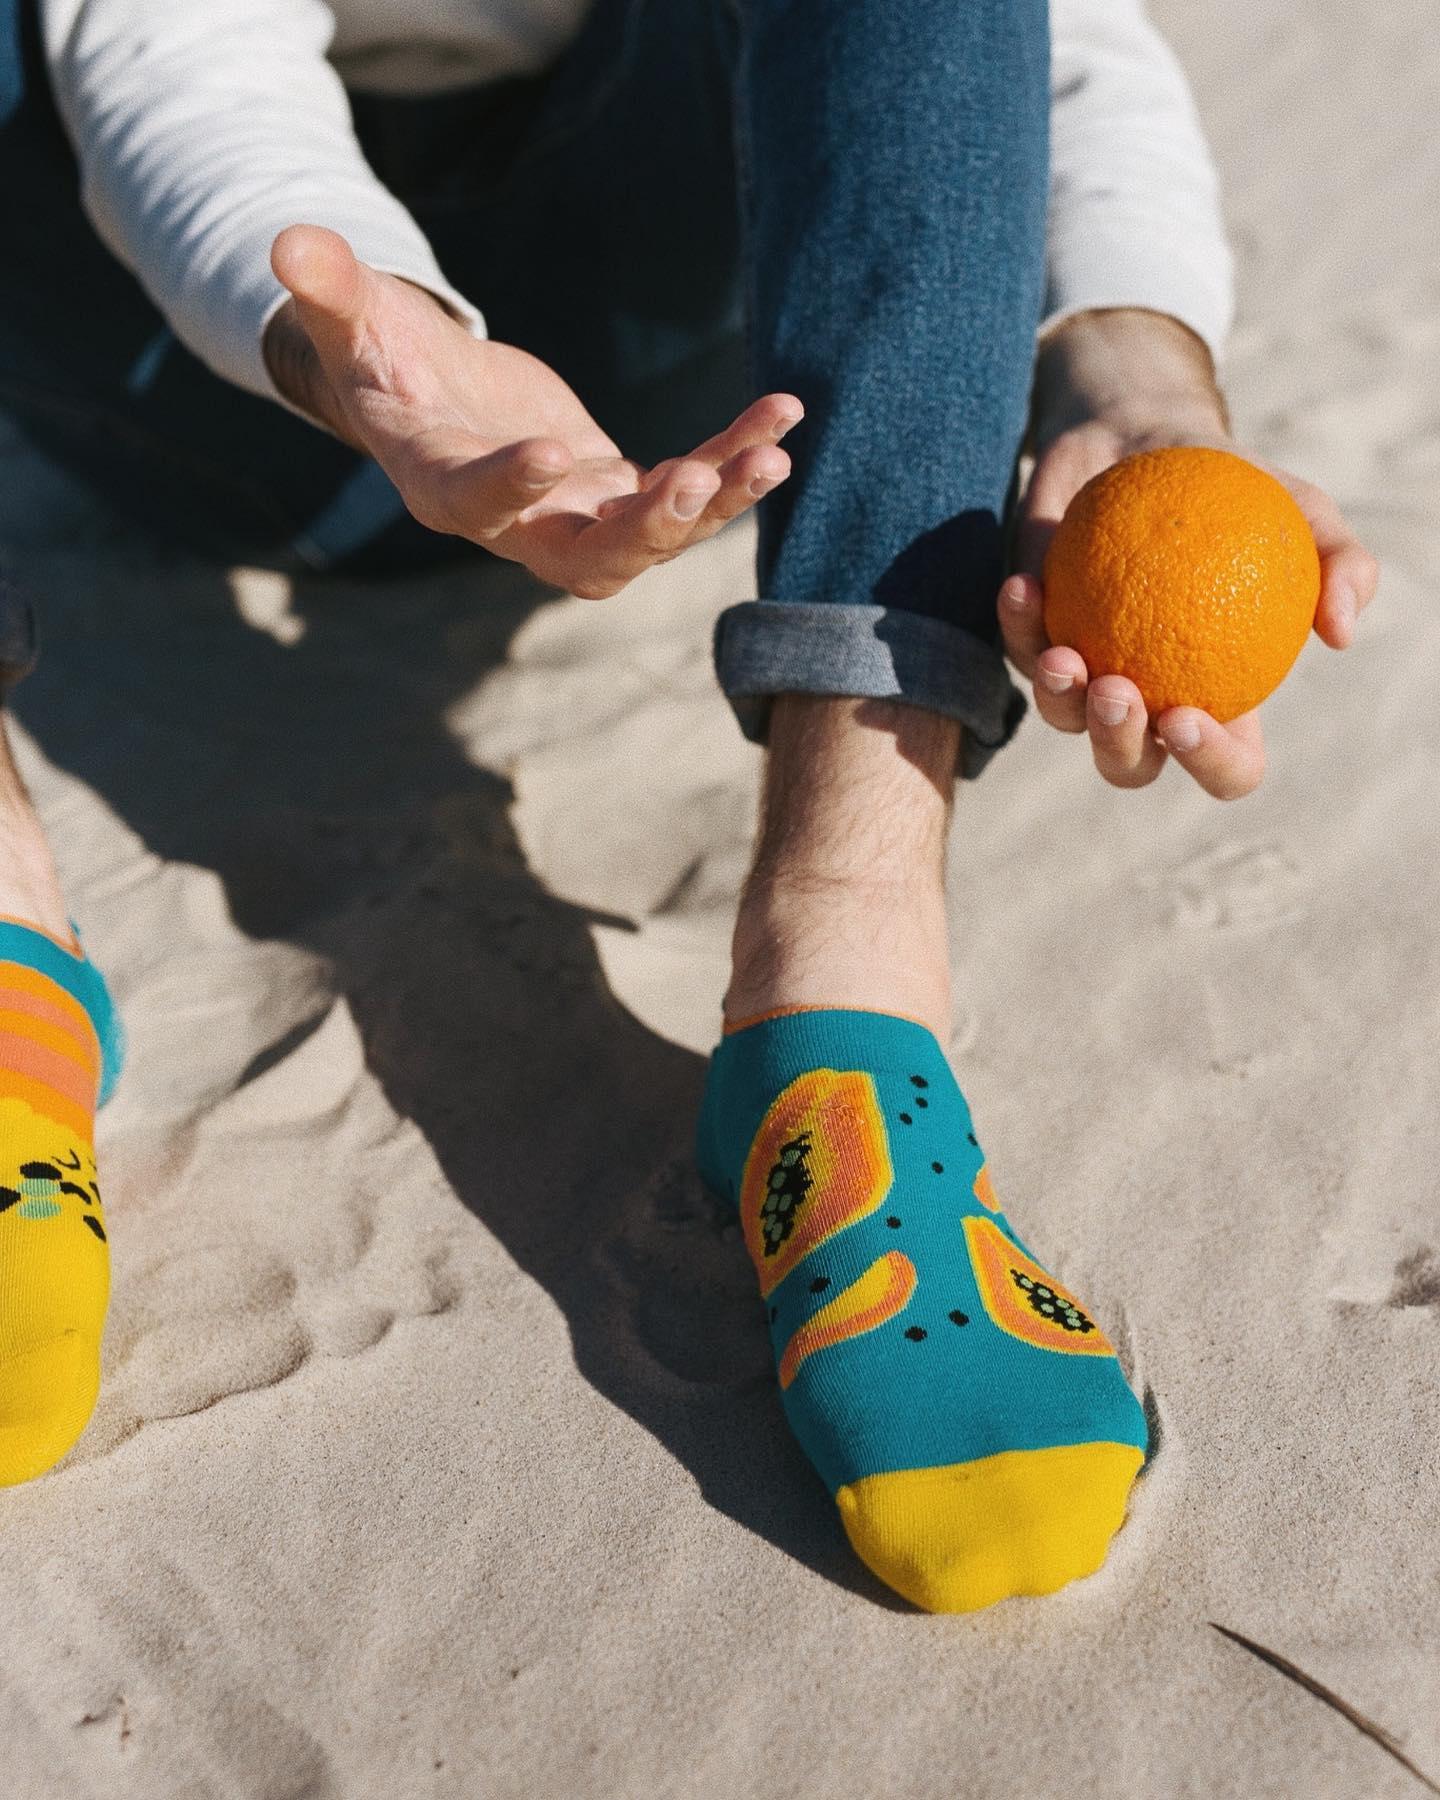 Wakacje... zaczekajcie jeszcze chwilę! 🙌🏻 . . . . #stopki #moresocks #anklesocks #cotton #mismatchedsocks #mismatch #boy #instaboy #picoftheday #orange #papaja #plaża #beachvibes #sea #jeans #wakacje #holiday #sunday #sunnyday